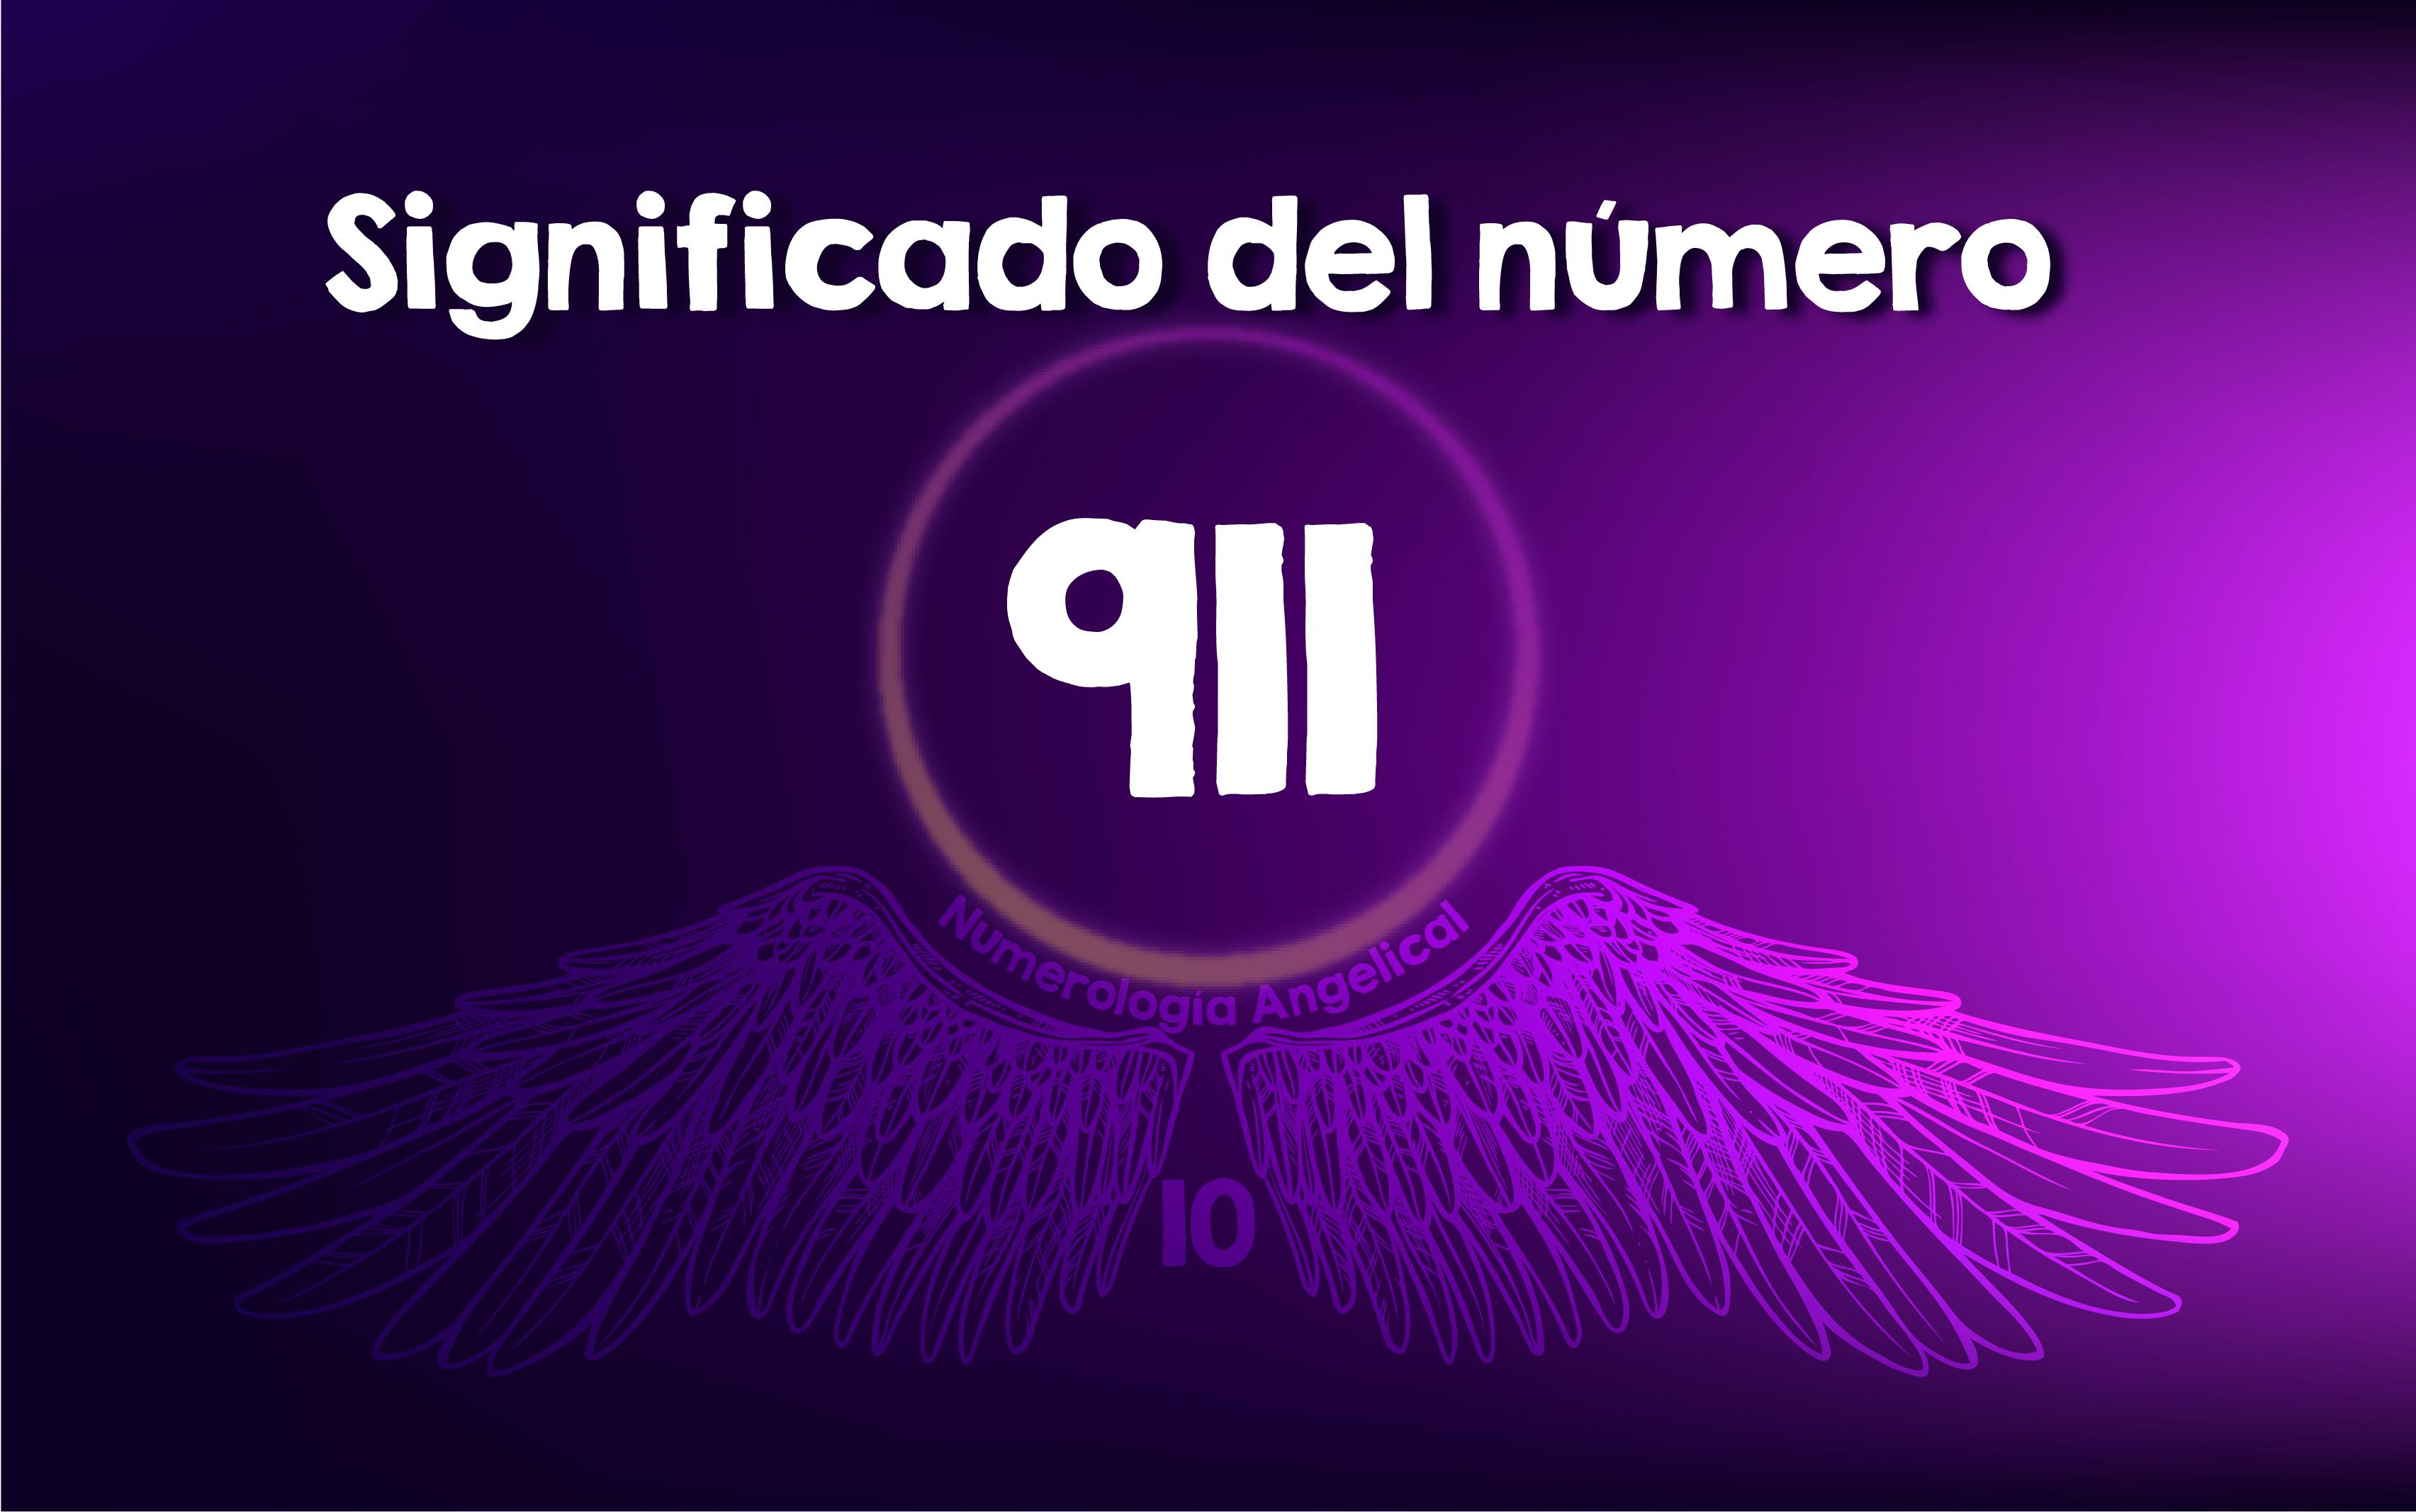 Significado del número 911